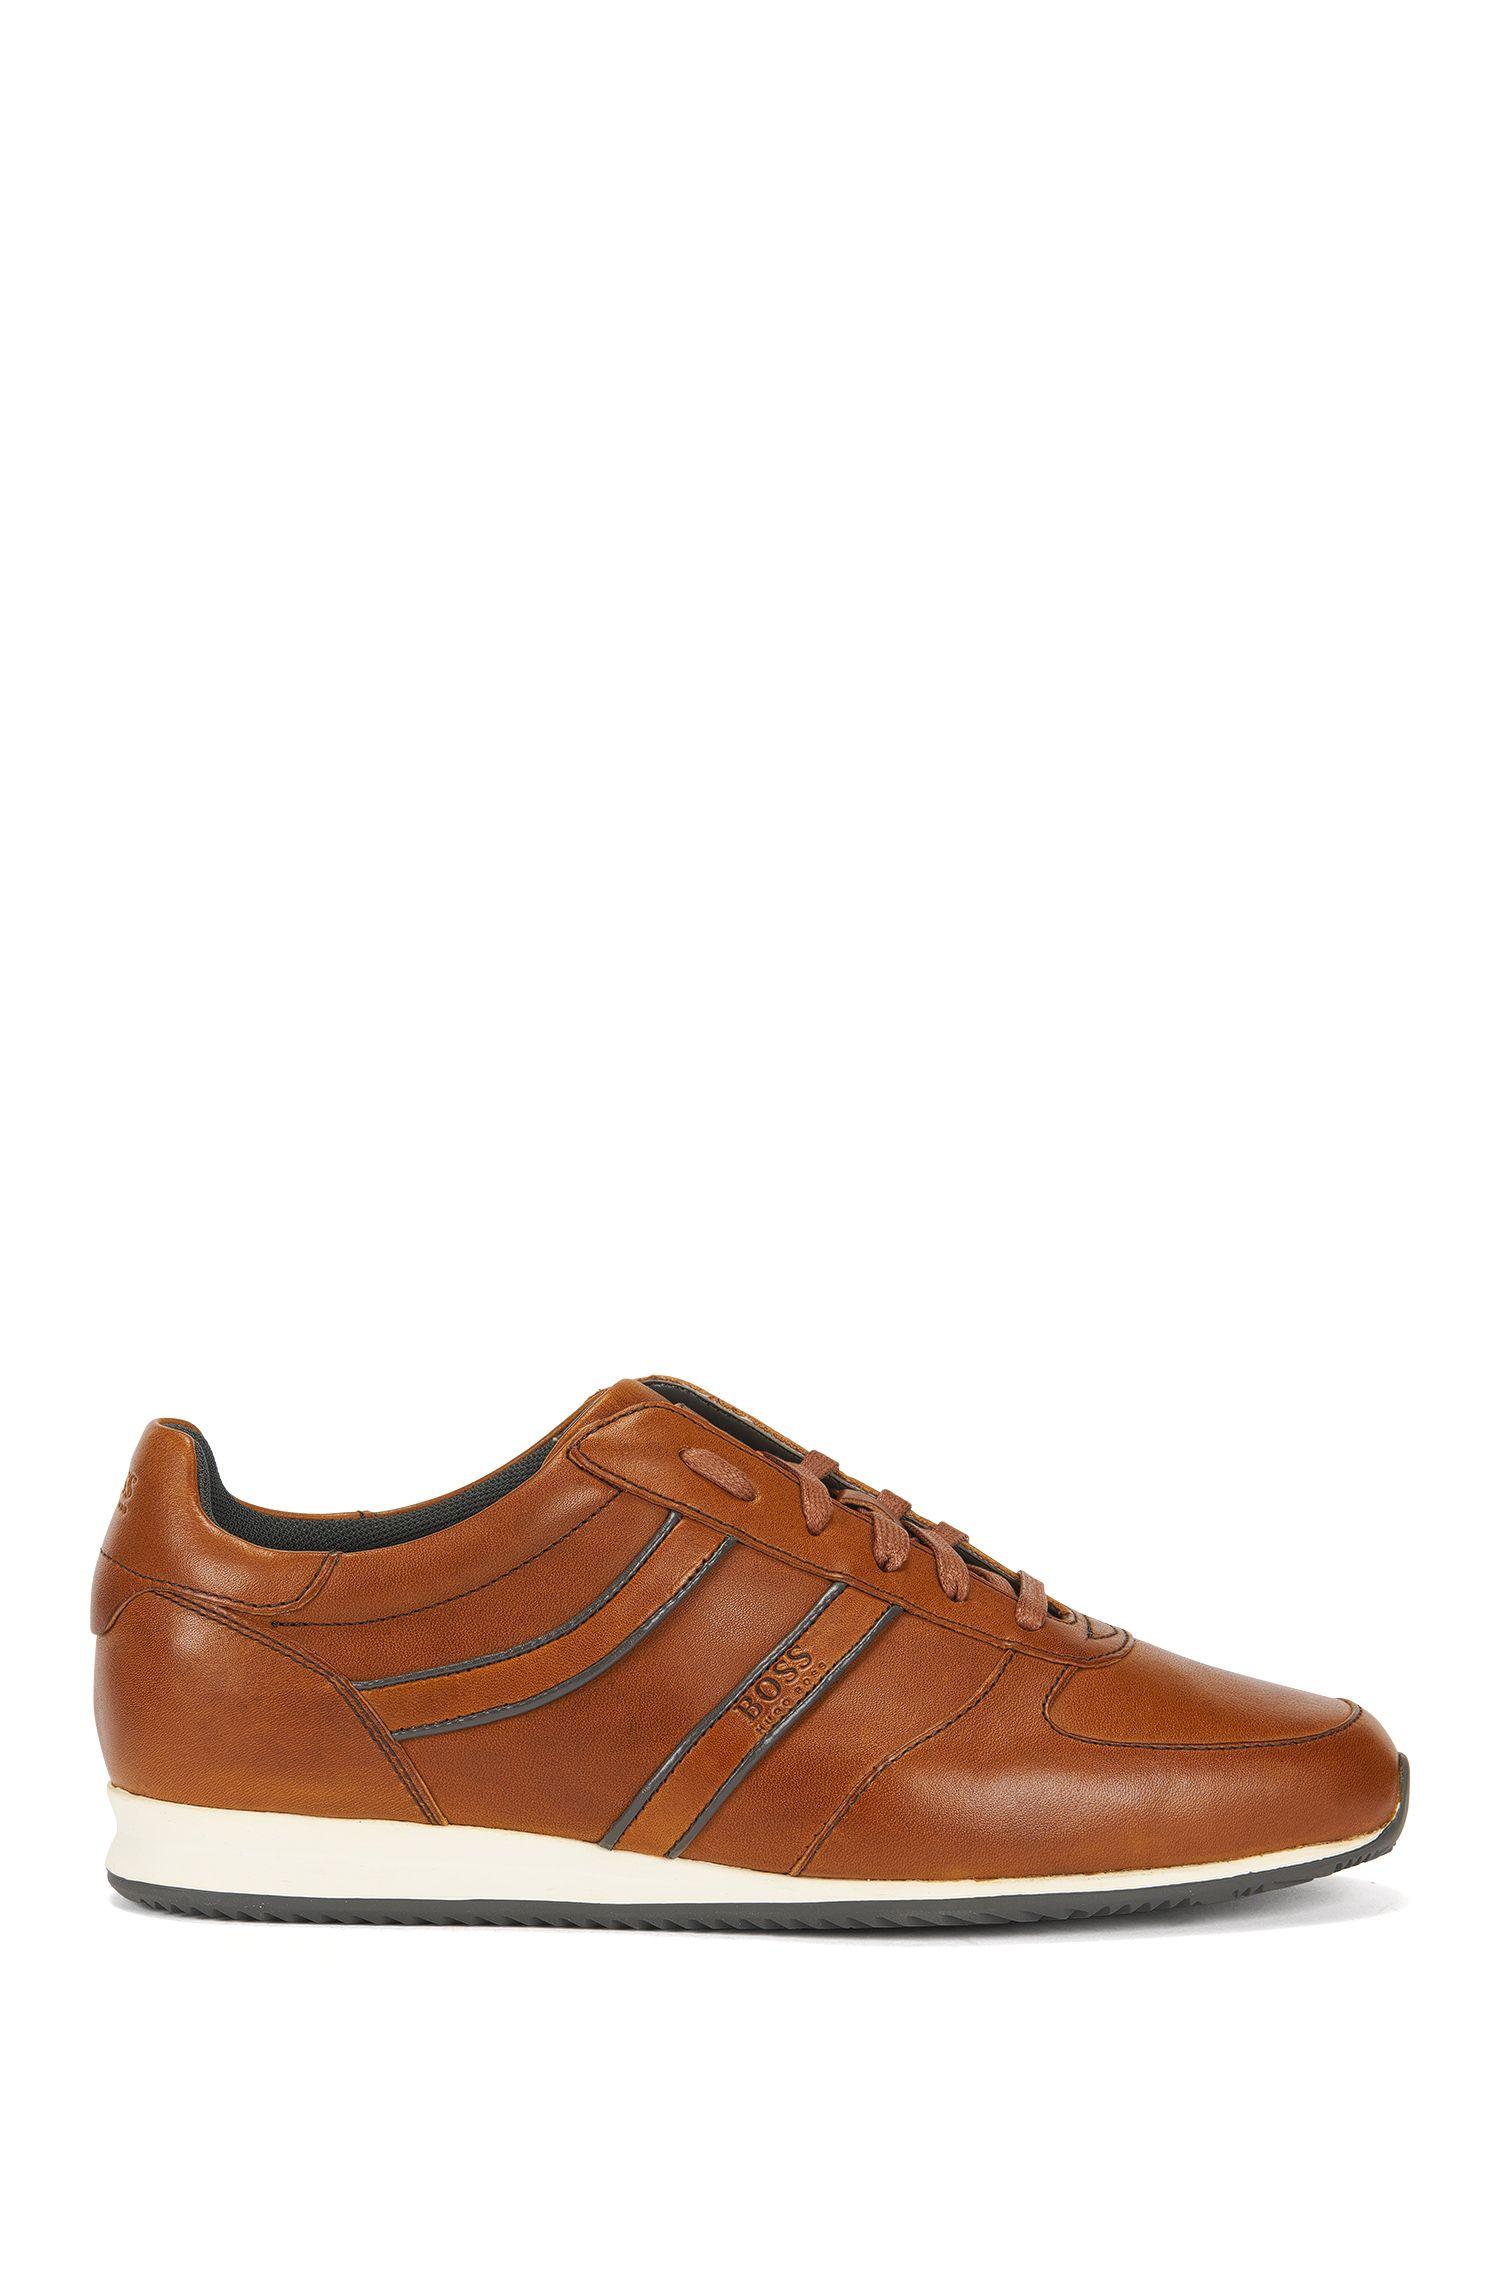 Leather Sneaker | Orland Runn Pp